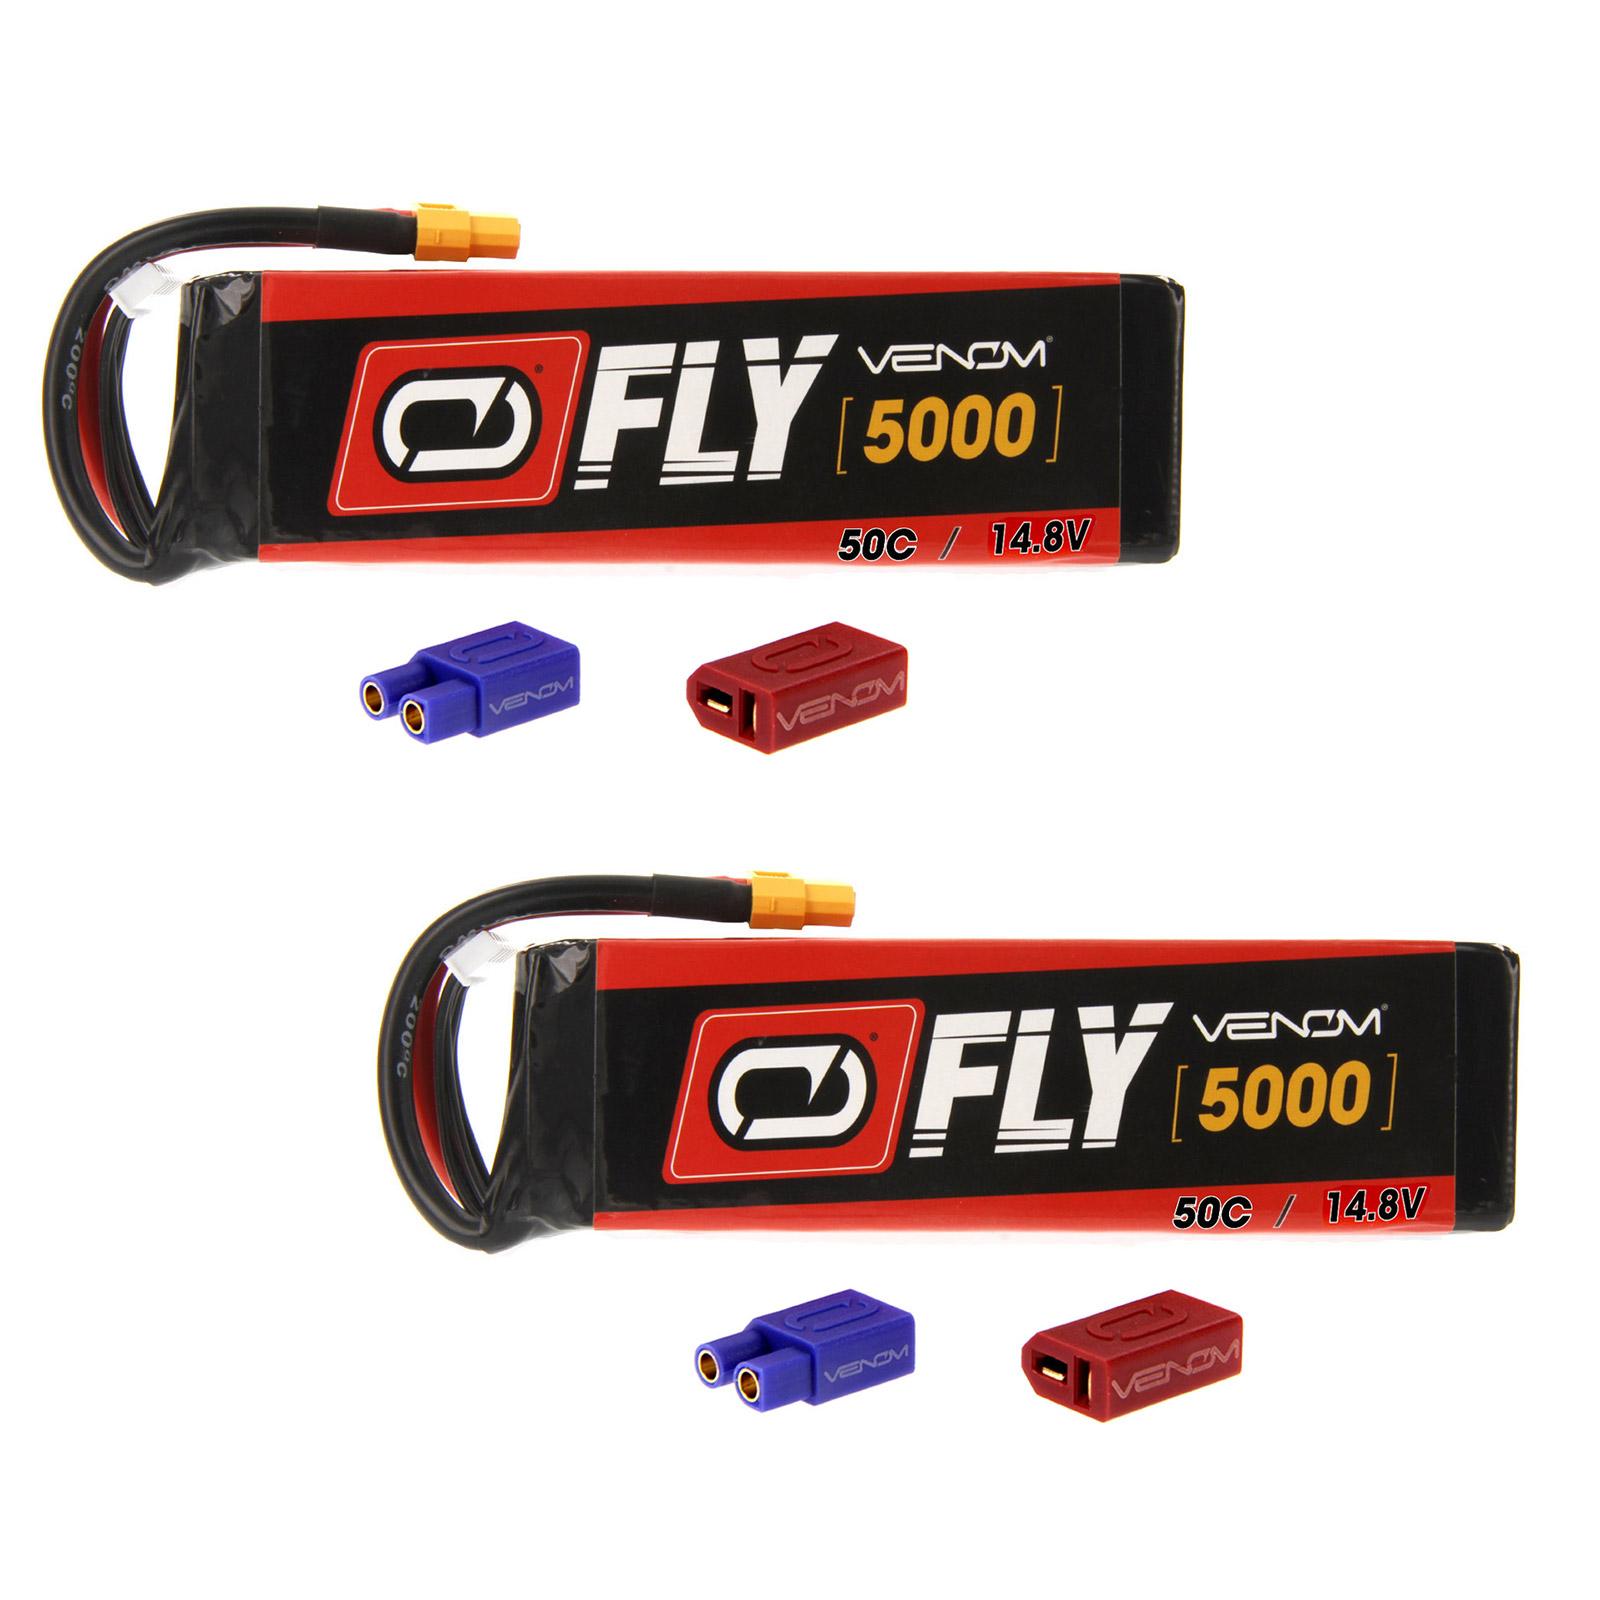 VENOM Fly 50C 4S 5000mAh 14.8V LiPo Battery with  UNI 2.0...